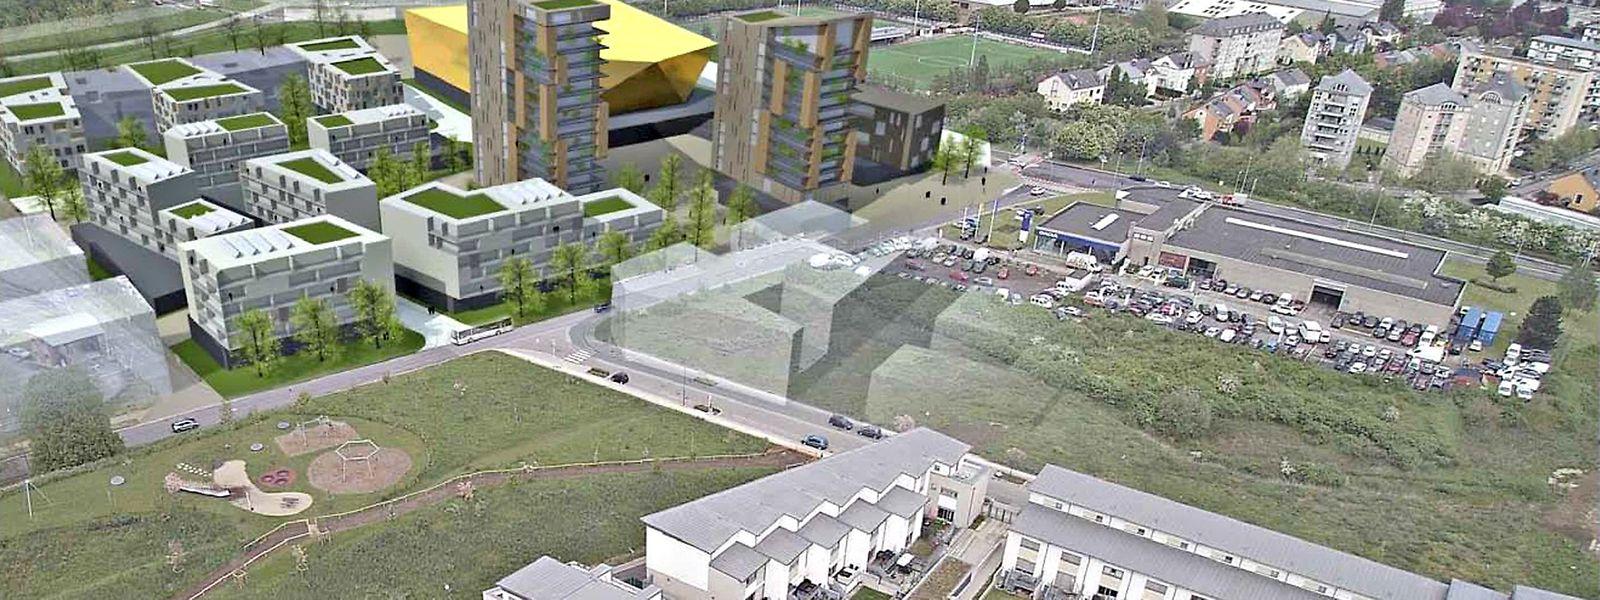 Die Sporthalle (gold eingezeichnet) ist auf dem aktuellen Standort des BMW-Autohauses geplant.